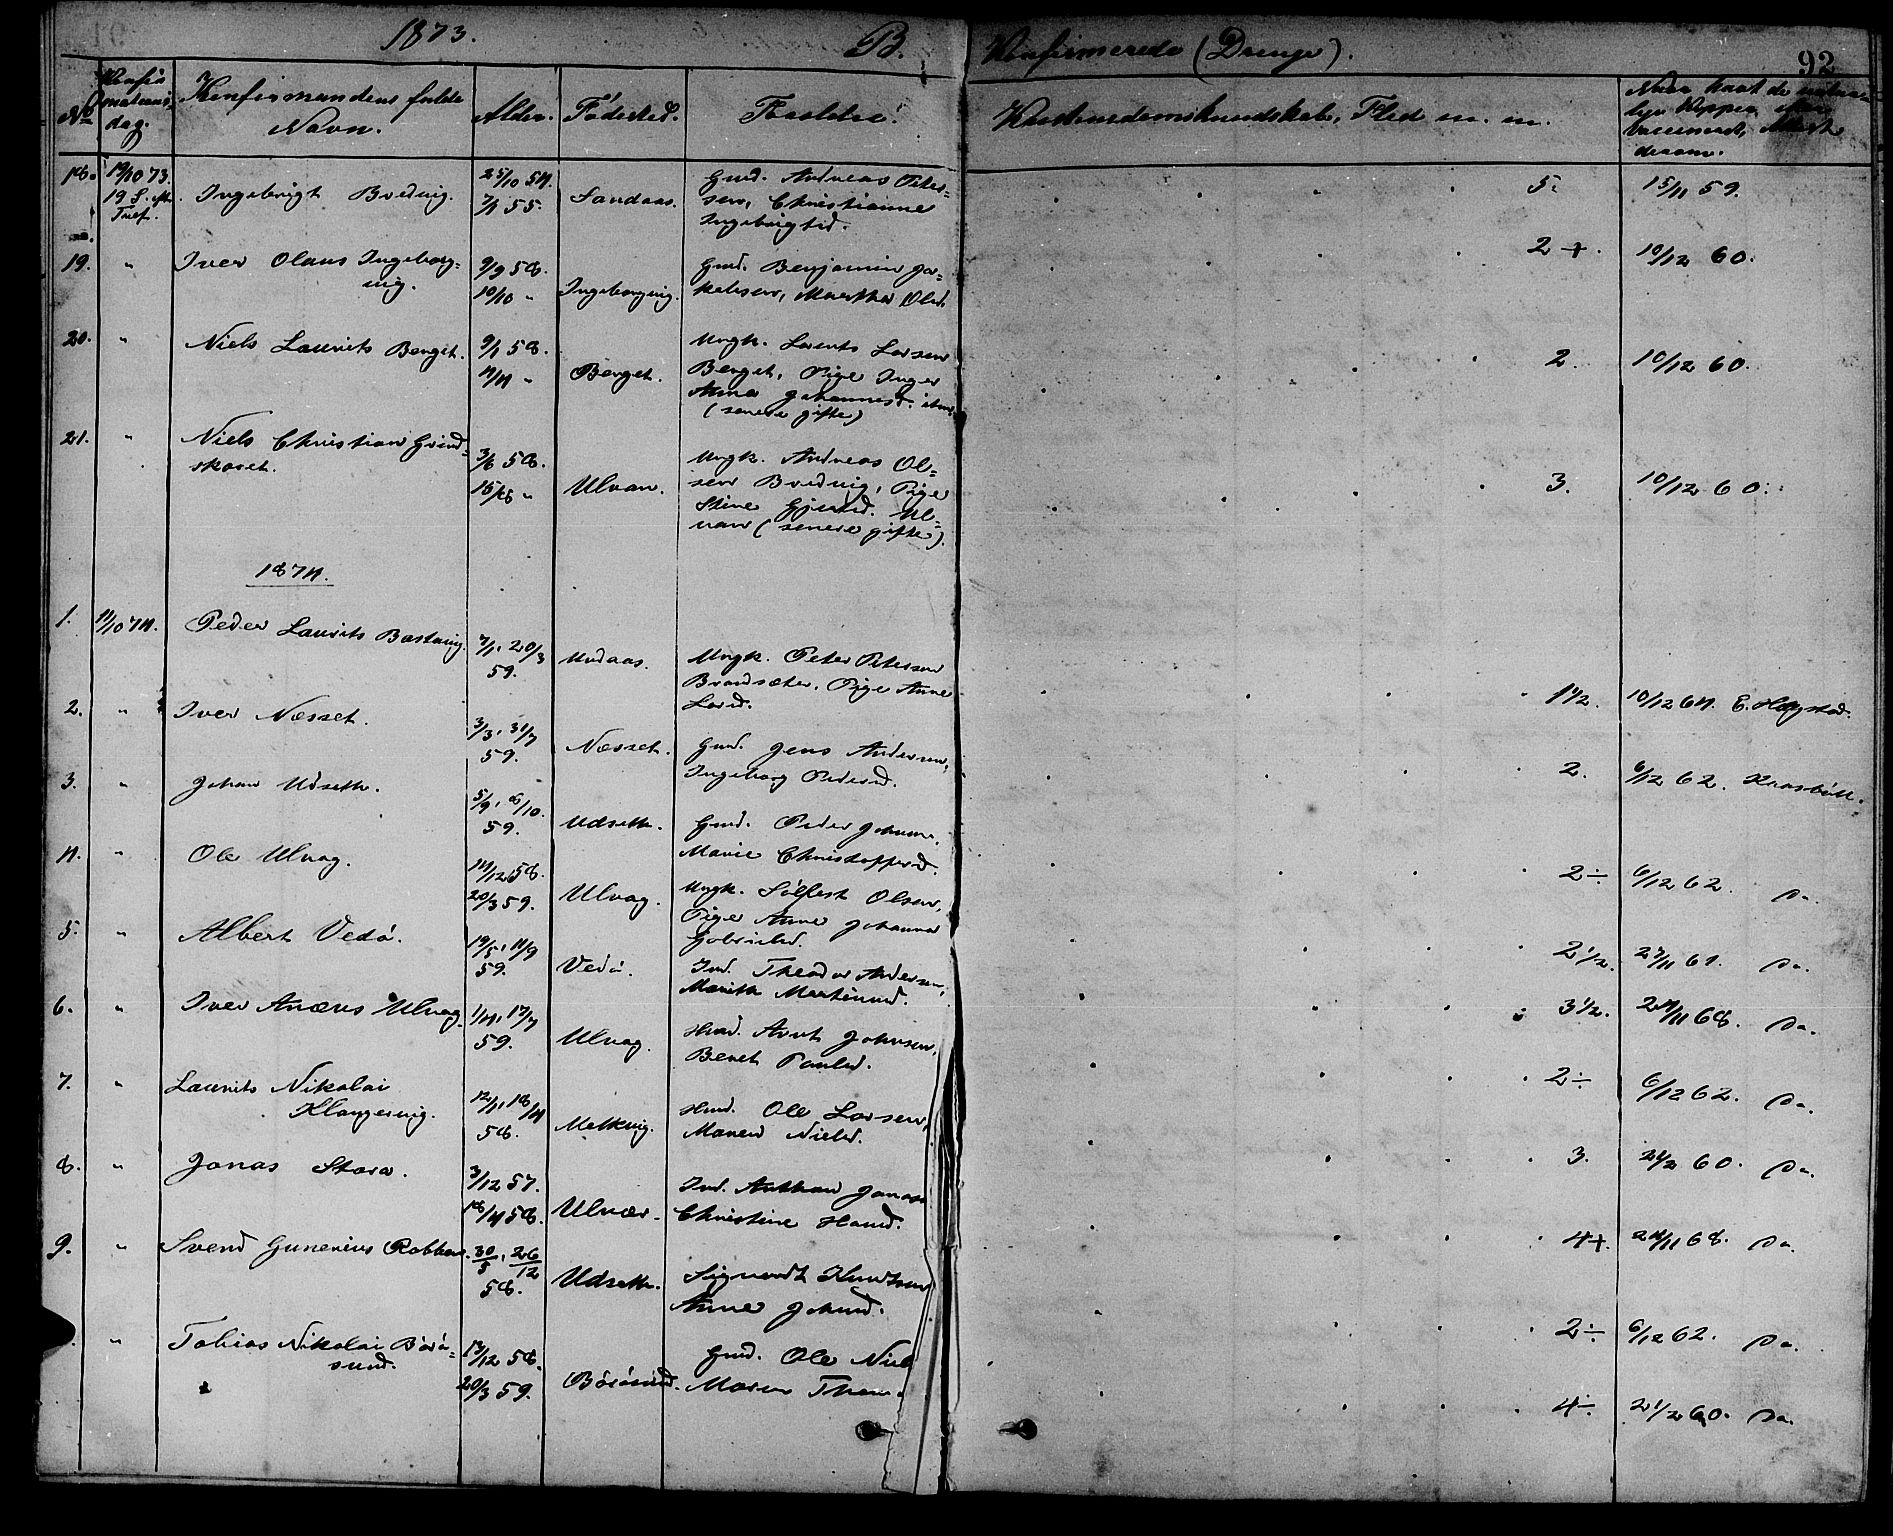 SAT, Ministerialprotokoller, klokkerbøker og fødselsregistre - Sør-Trøndelag, 637/L0561: Klokkerbok nr. 637C02, 1873-1882, s. 92